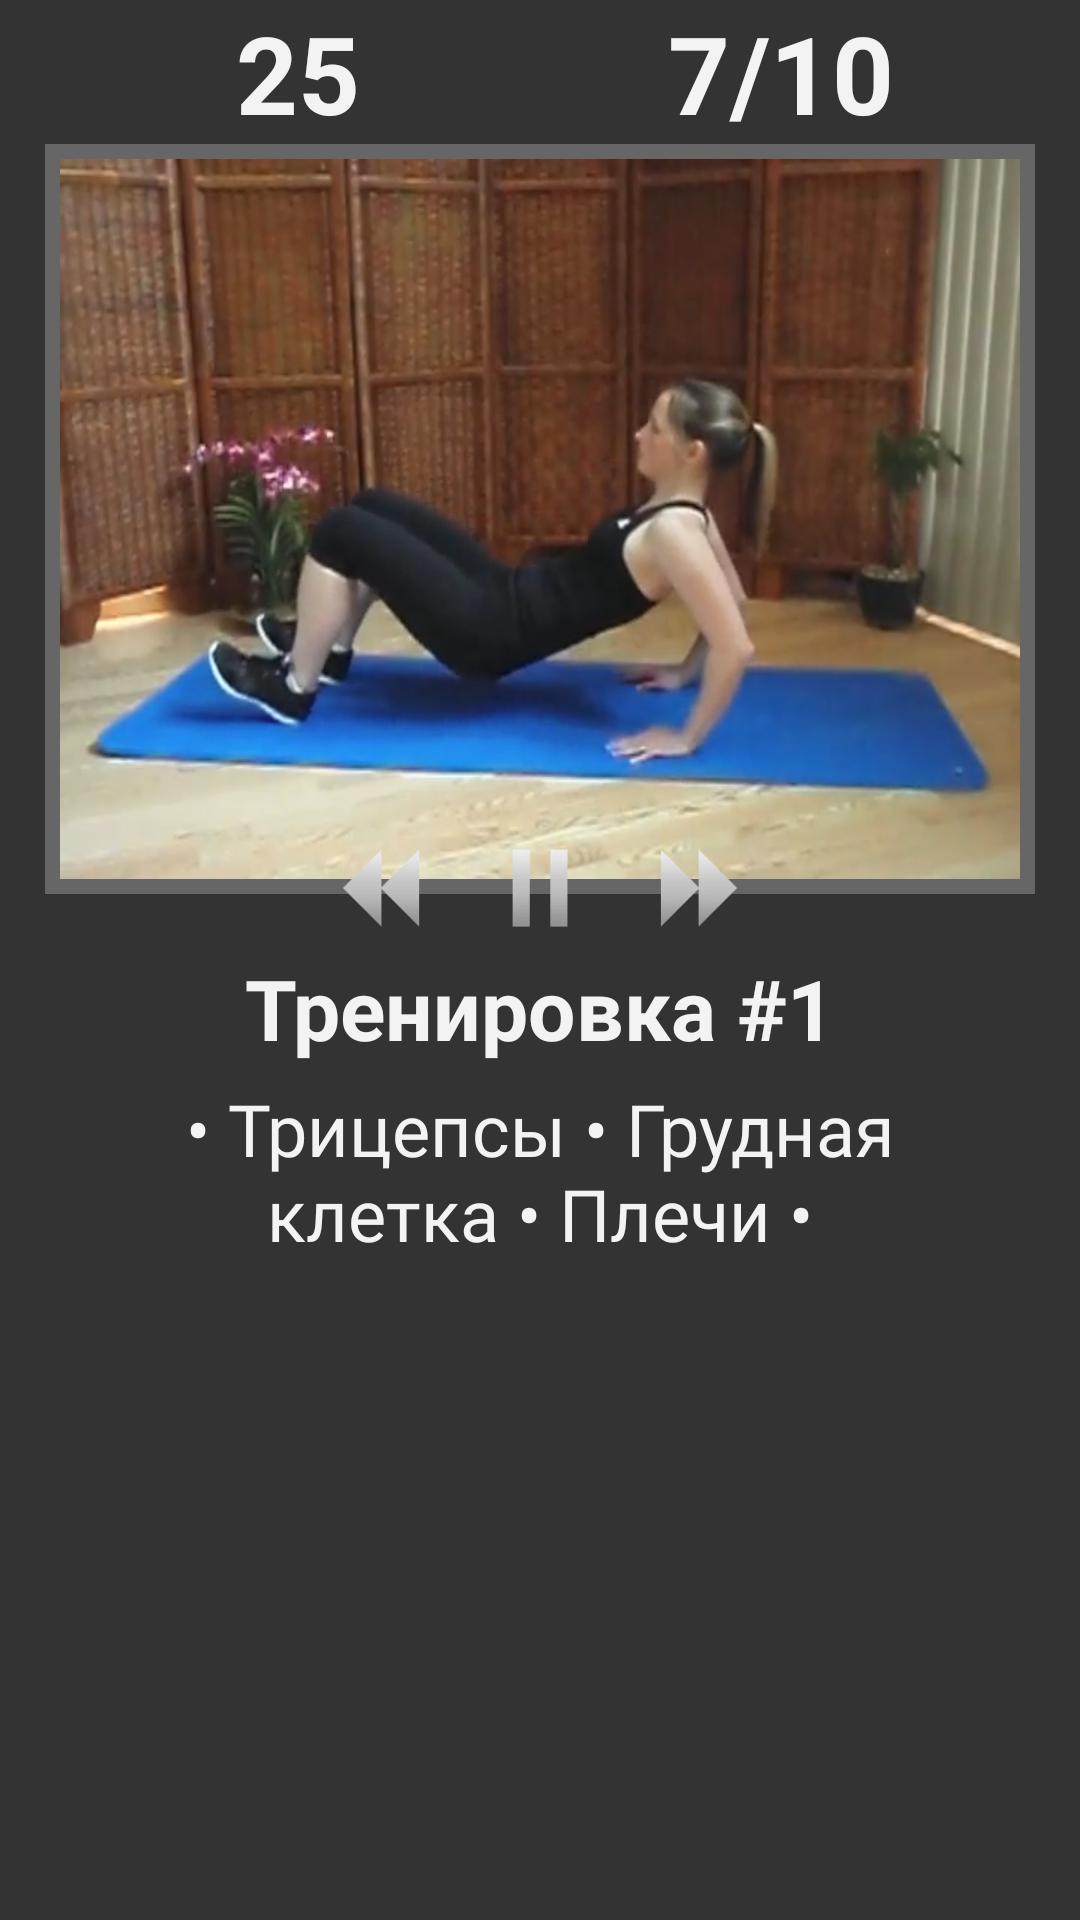 Упражнения для похудения рук видео скачать